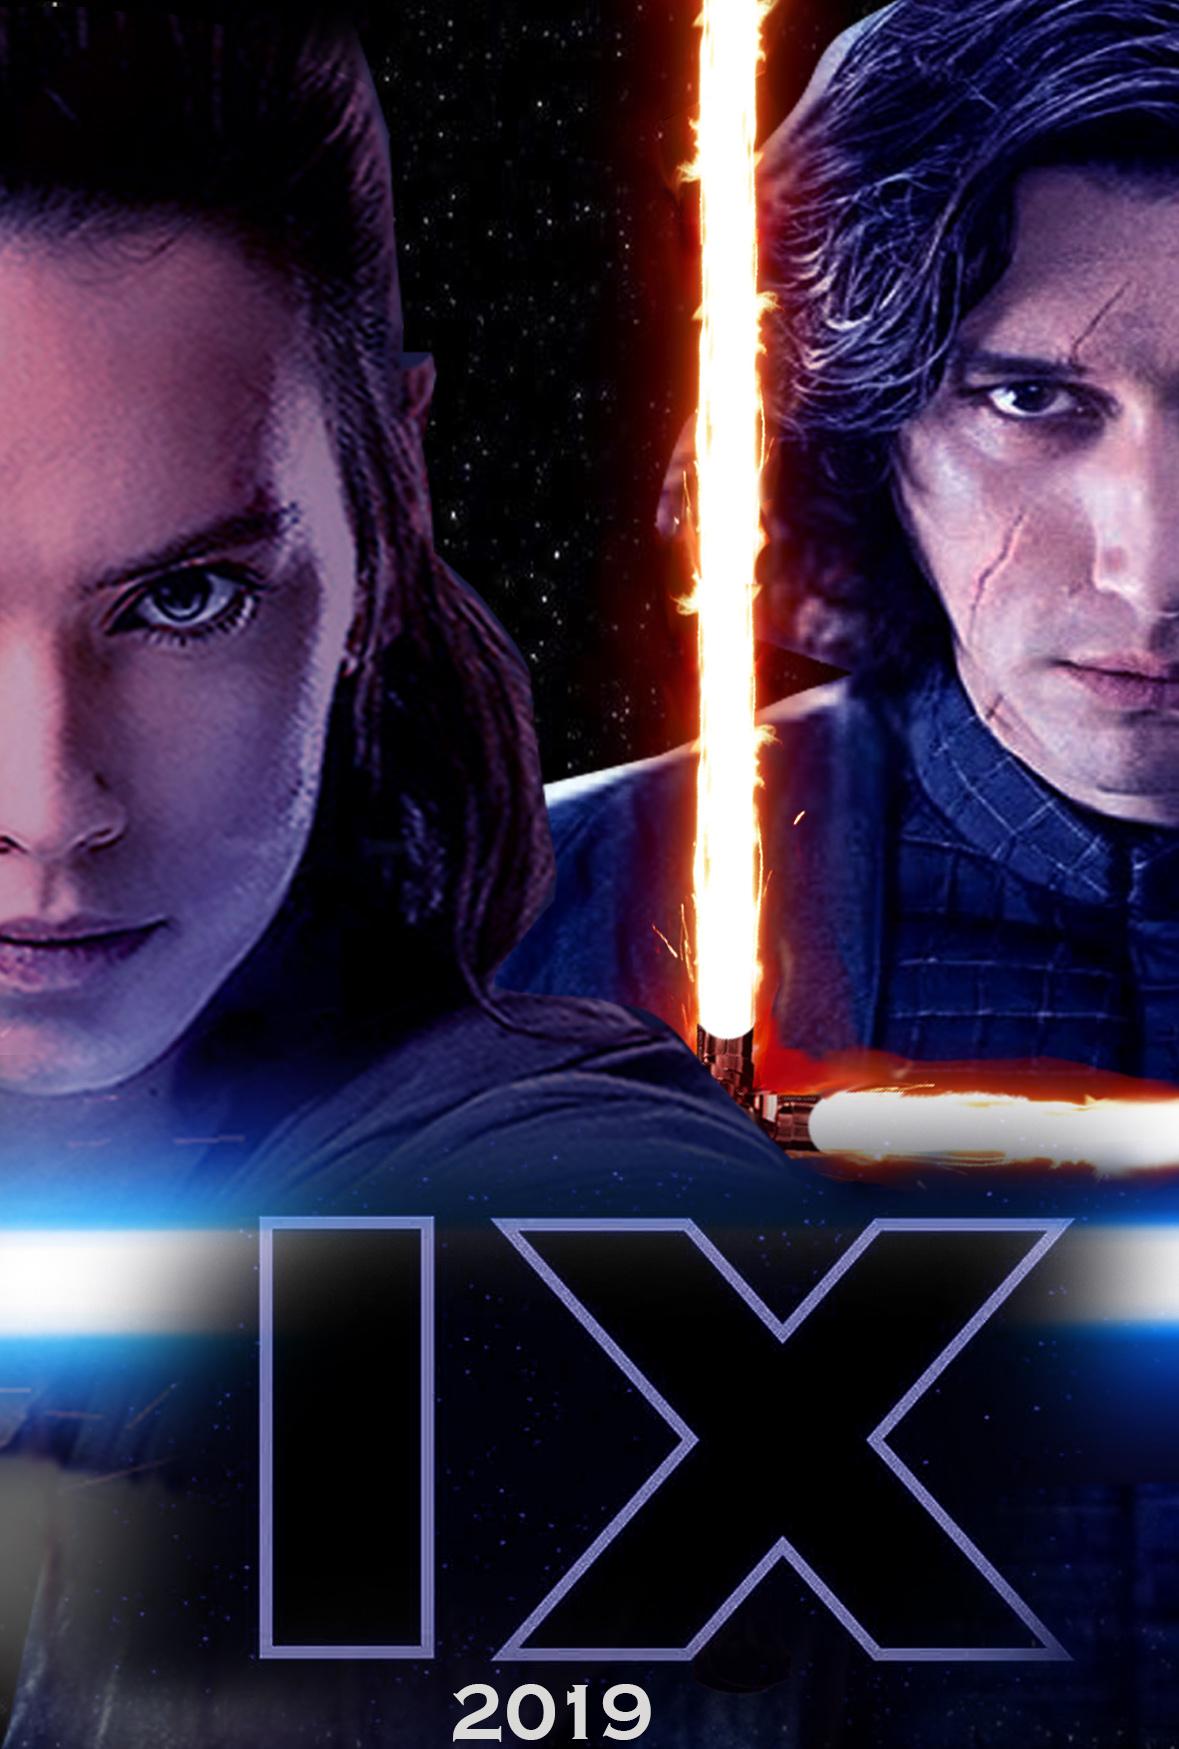 Star Wars 9 Teaser